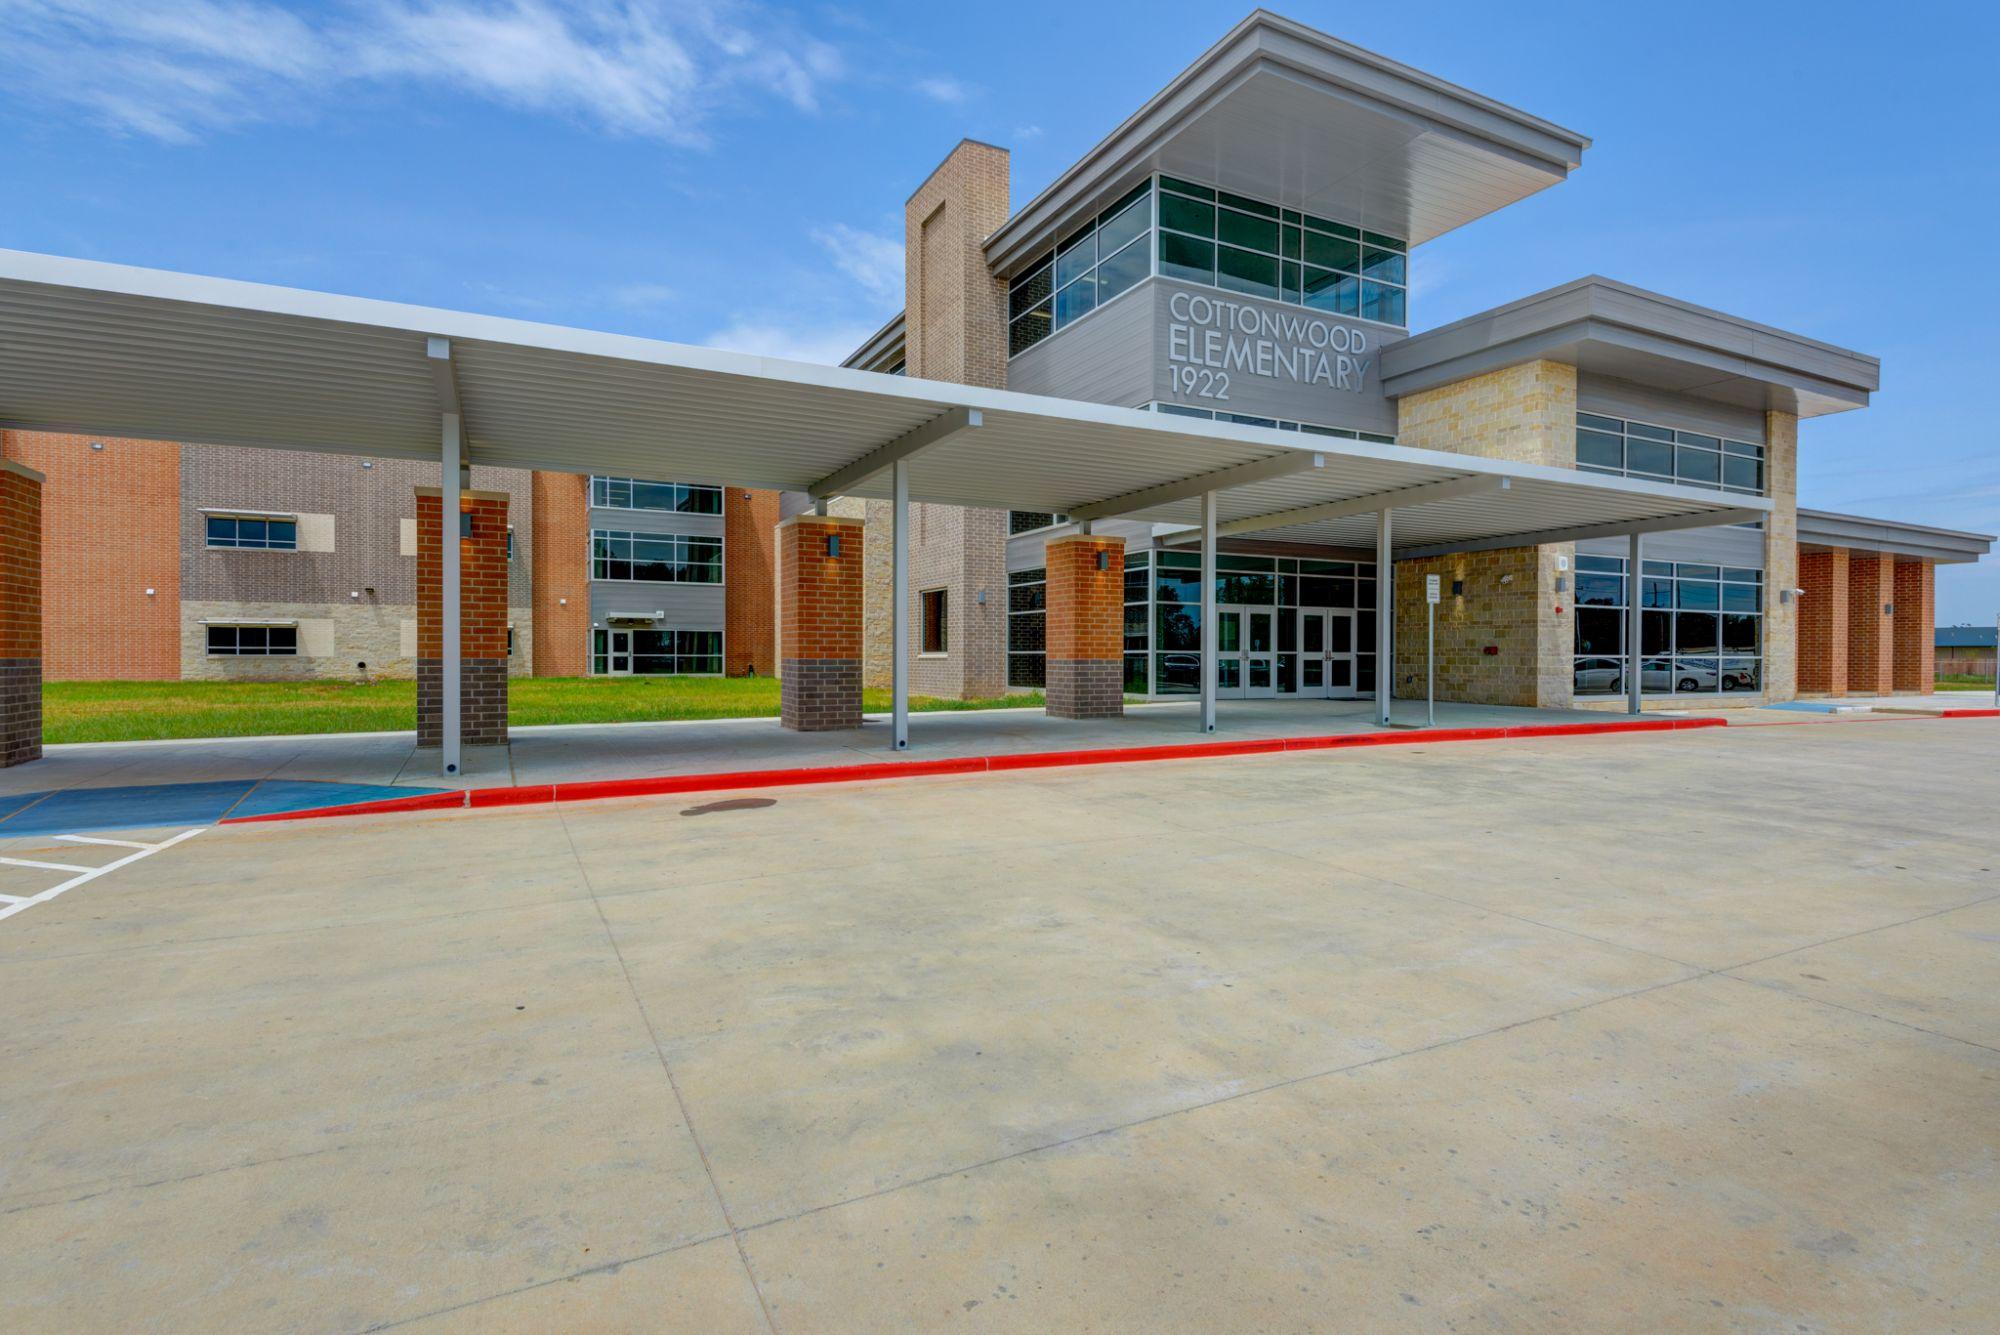 Cottonwood Elementary, Cleveland ISD